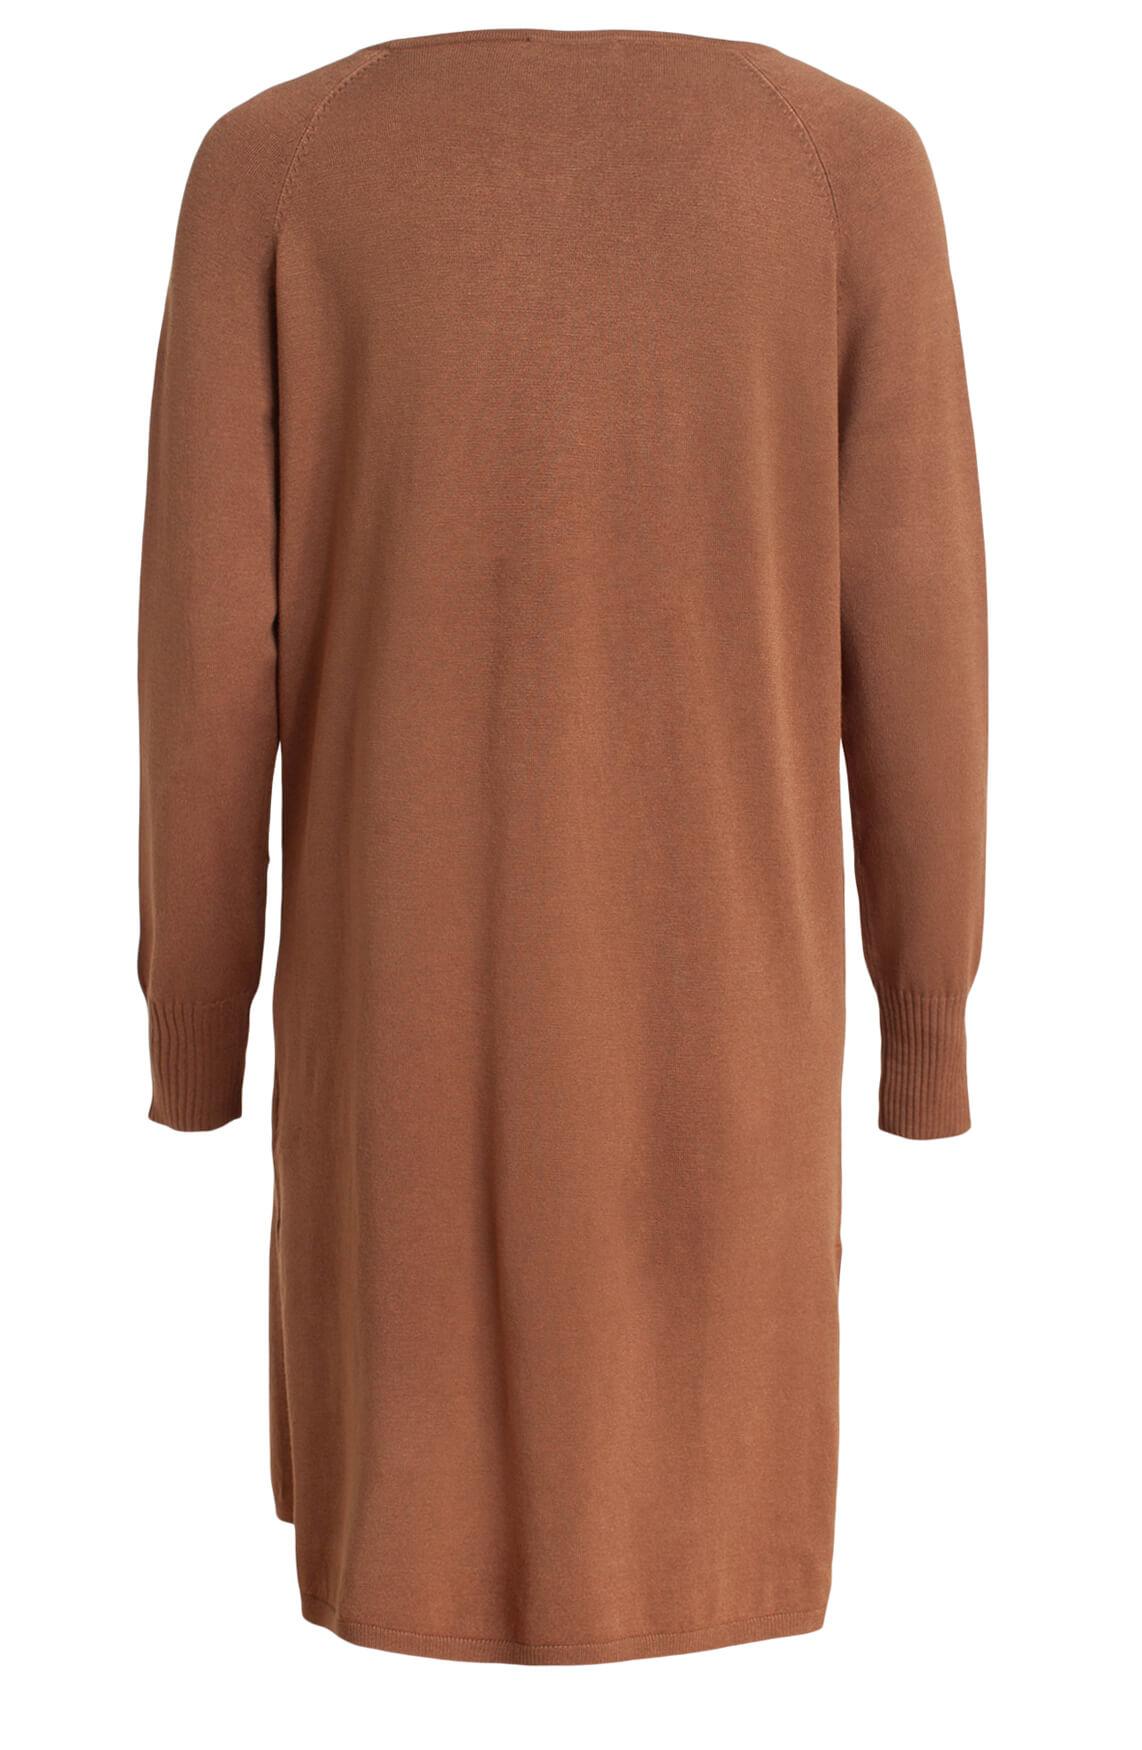 Anna Dames Gebreide jurk Bruin